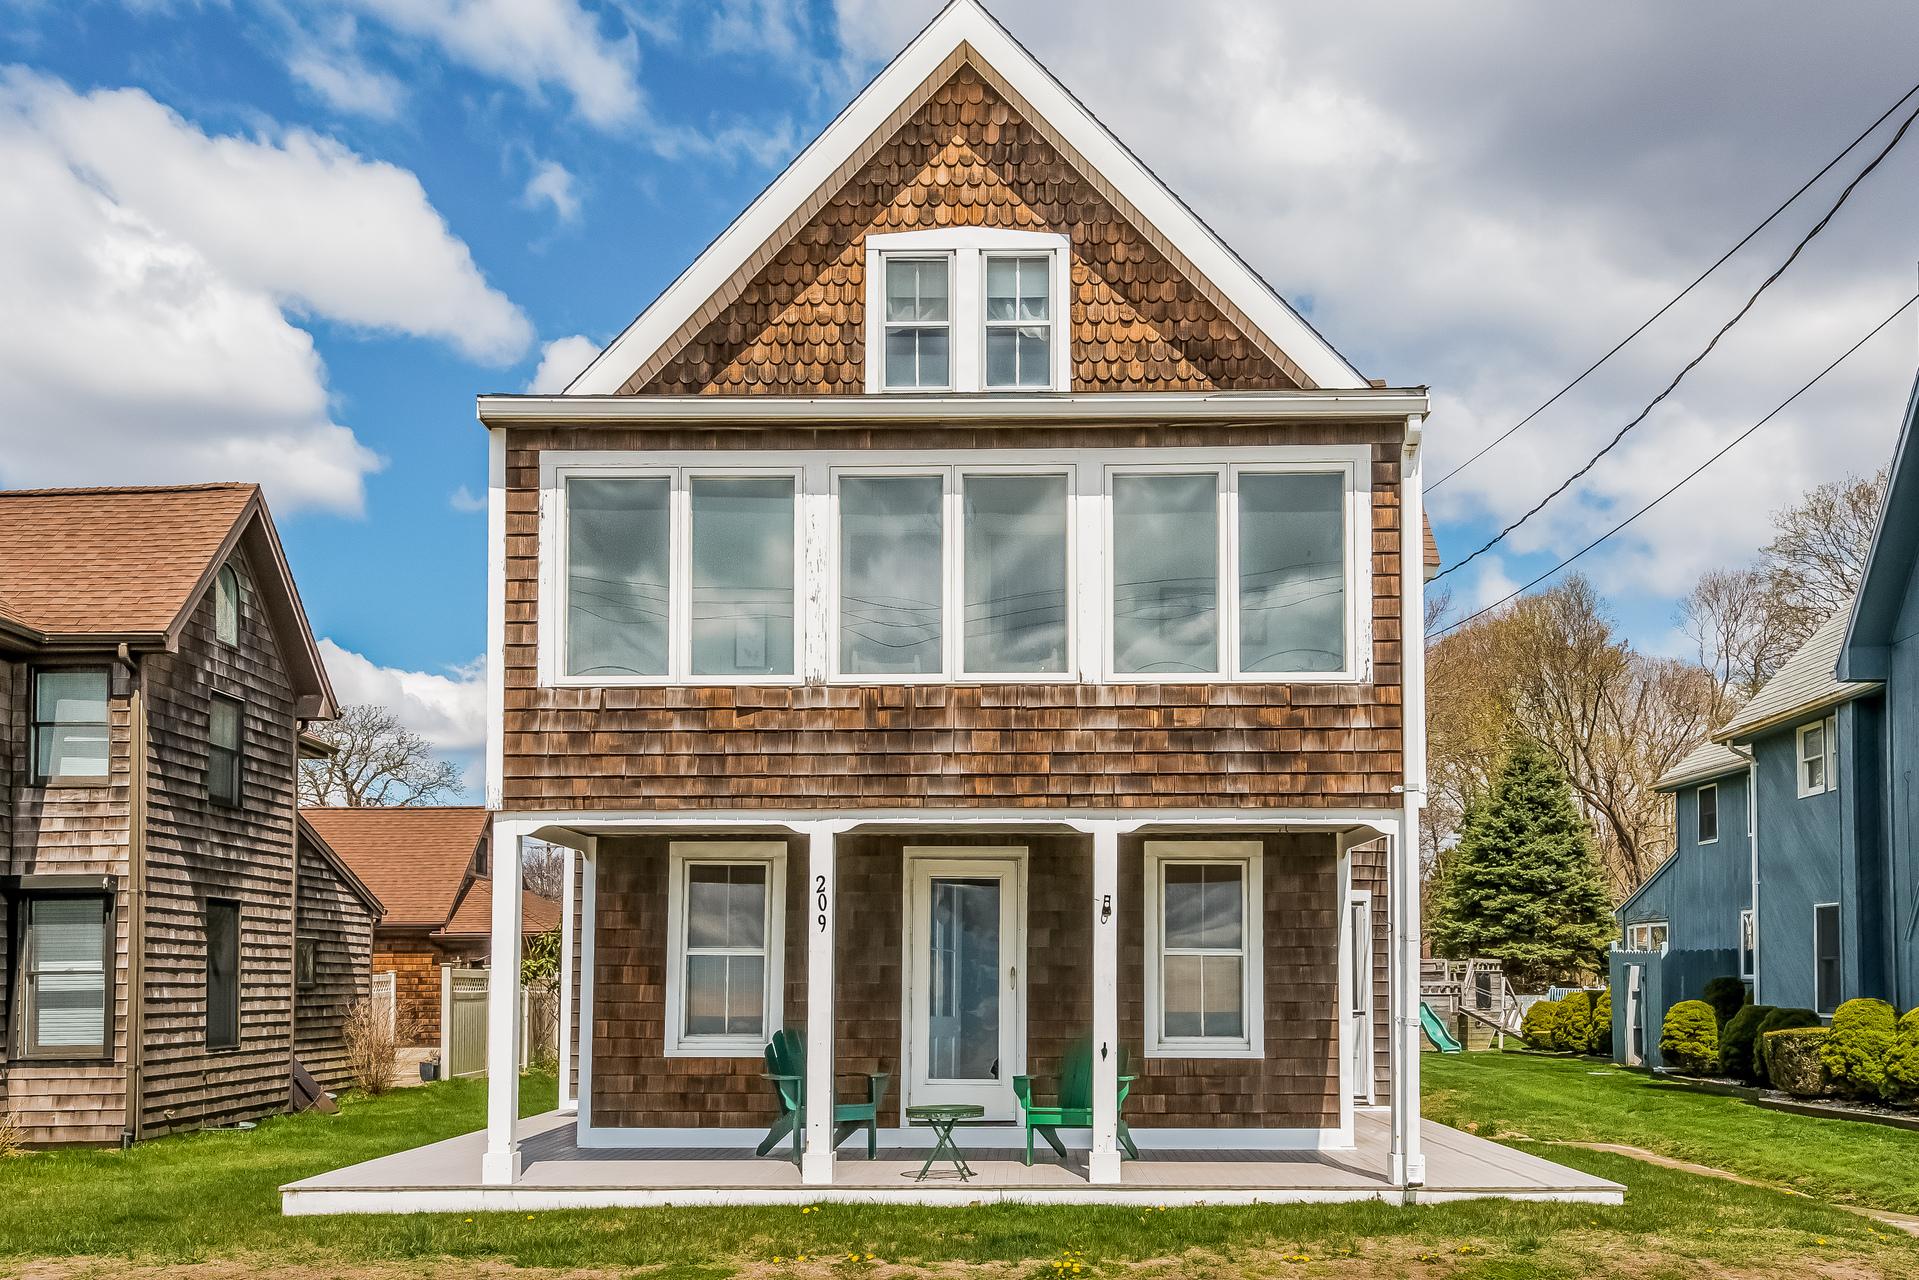 Casa Unifamiliar por un Venta en 209 Seaside Ave Westbrook, Connecticut 06498 Estados Unidos